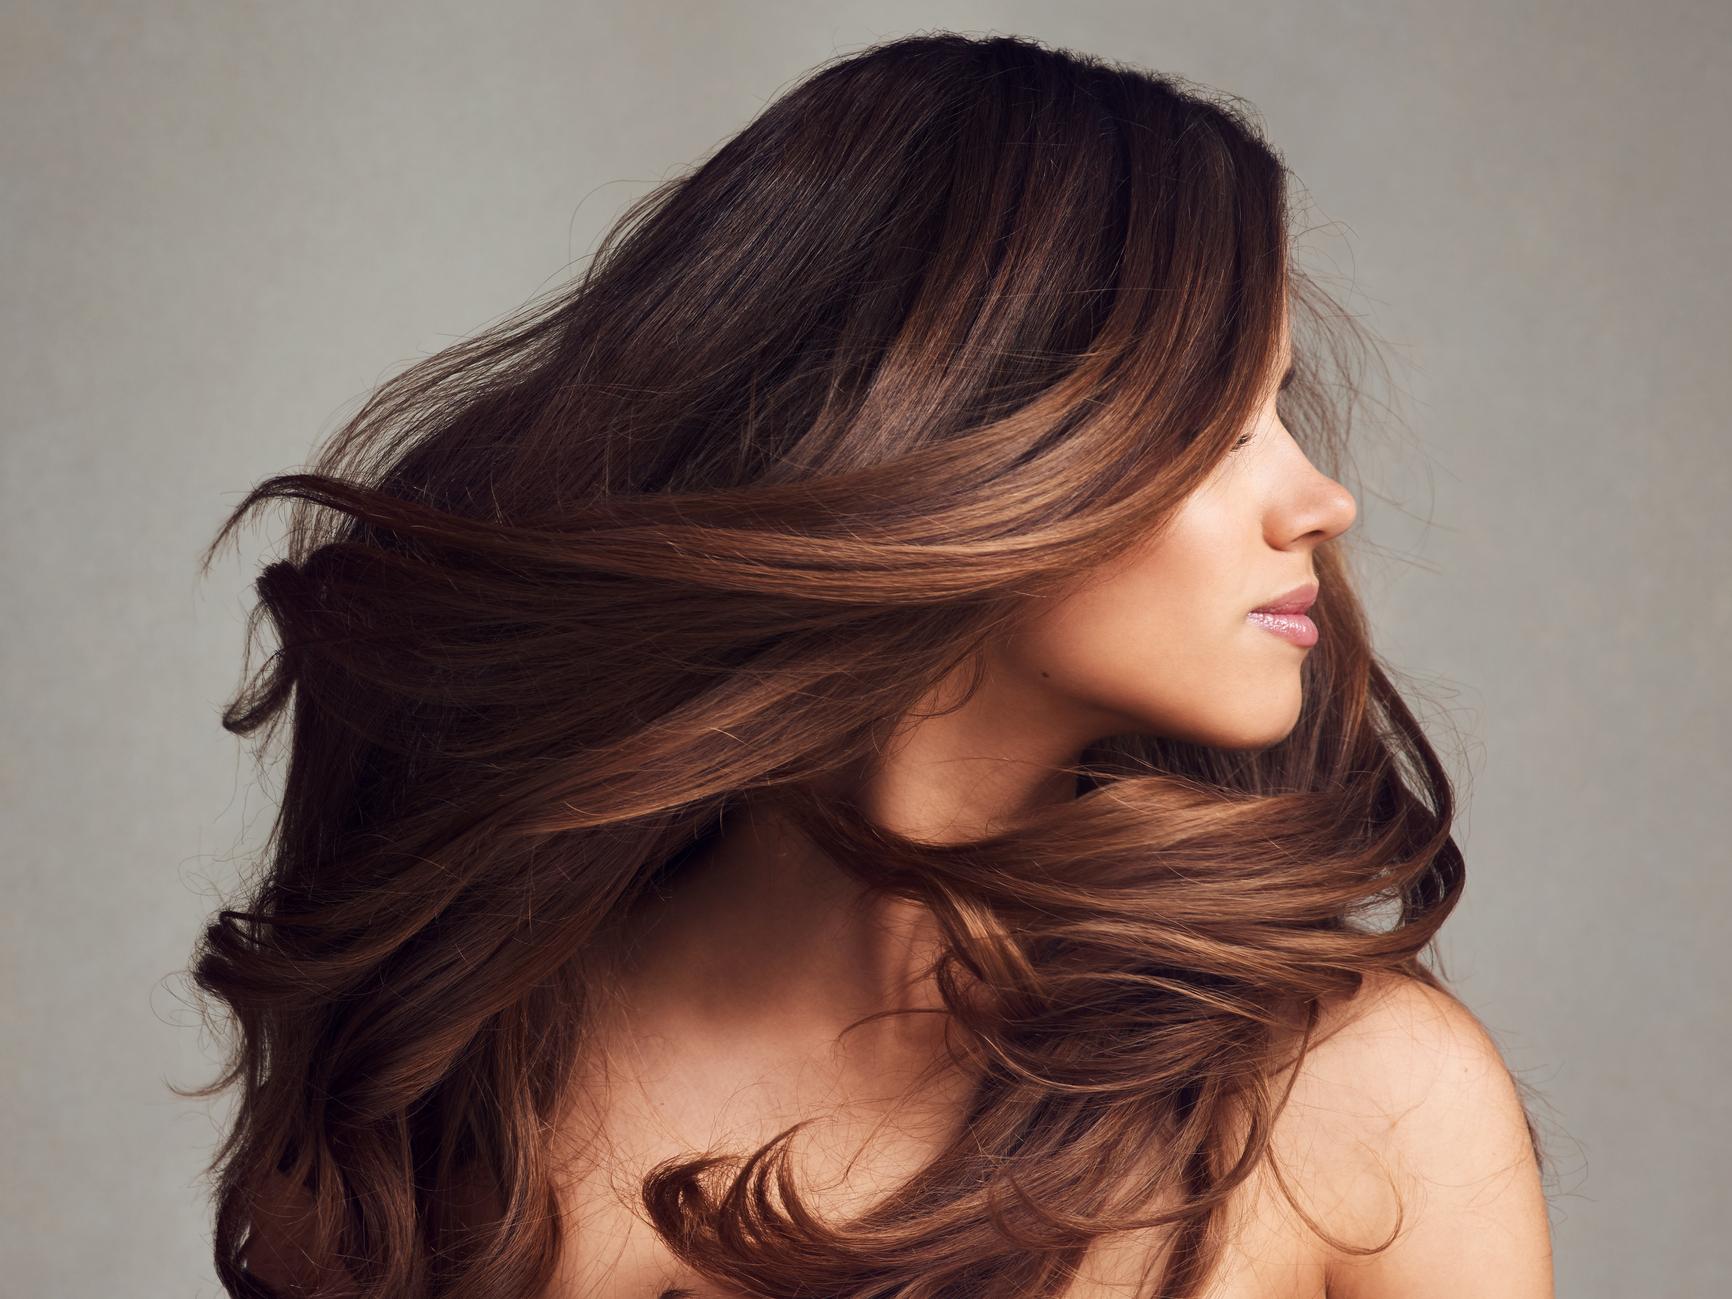 работа для девушек с красивыми волосами